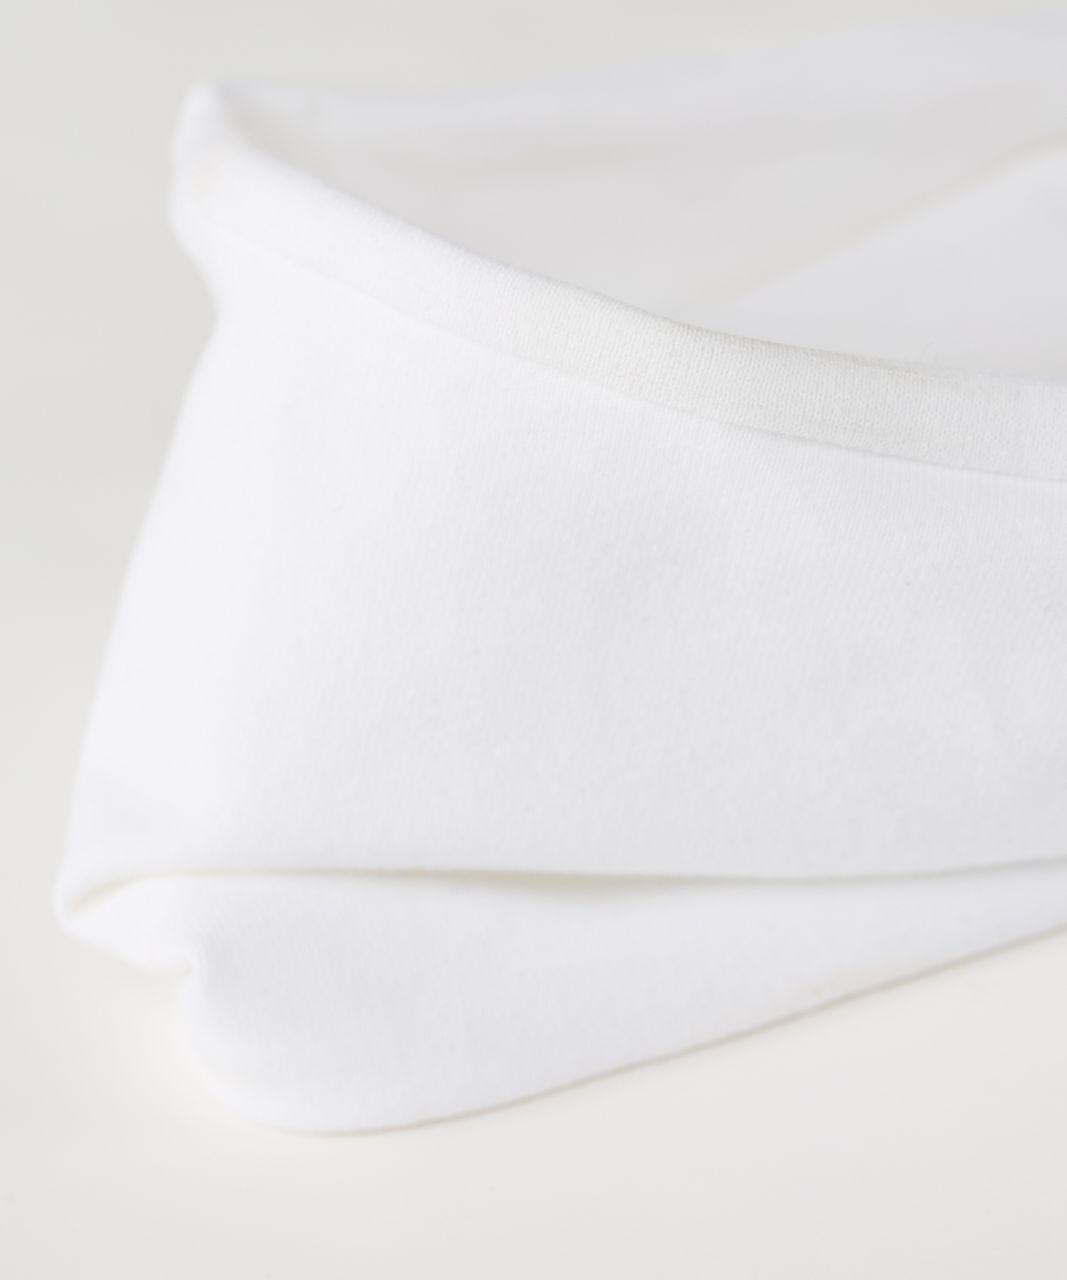 Lululemon Fringe Fighter Headband - White / White / Silver